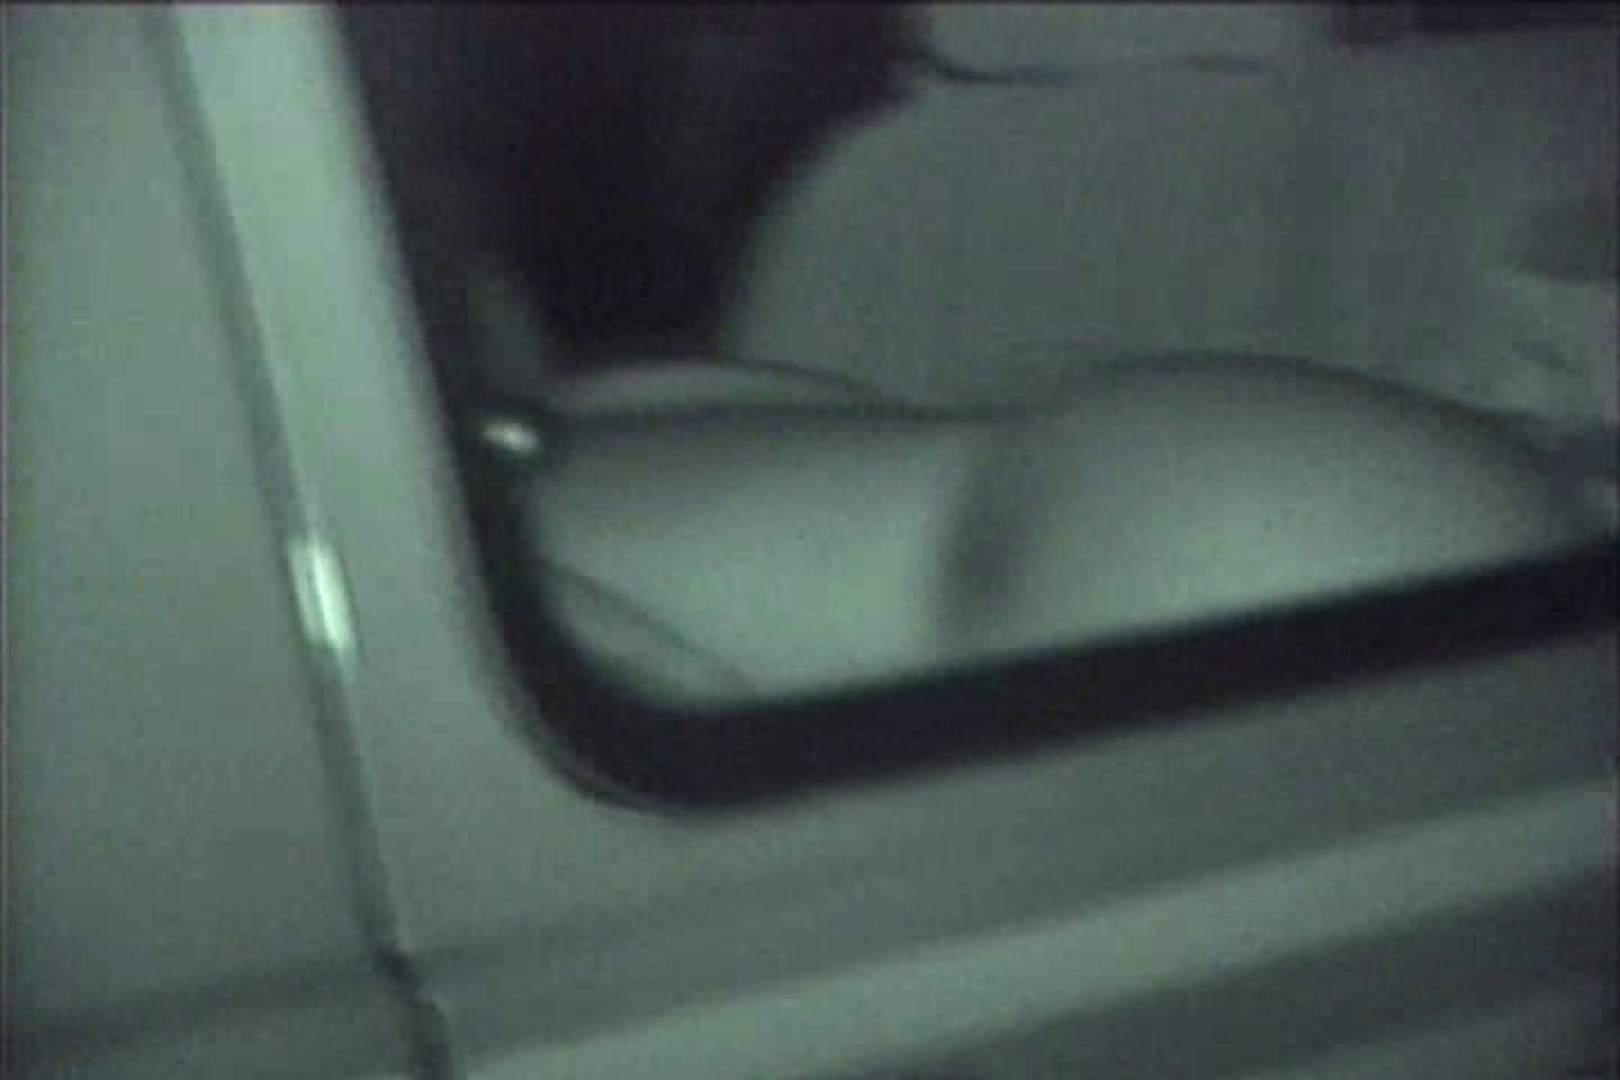 車の中はラブホテル 無修正版  Vol.16 覗き | OLヌード天国  86PIX 78